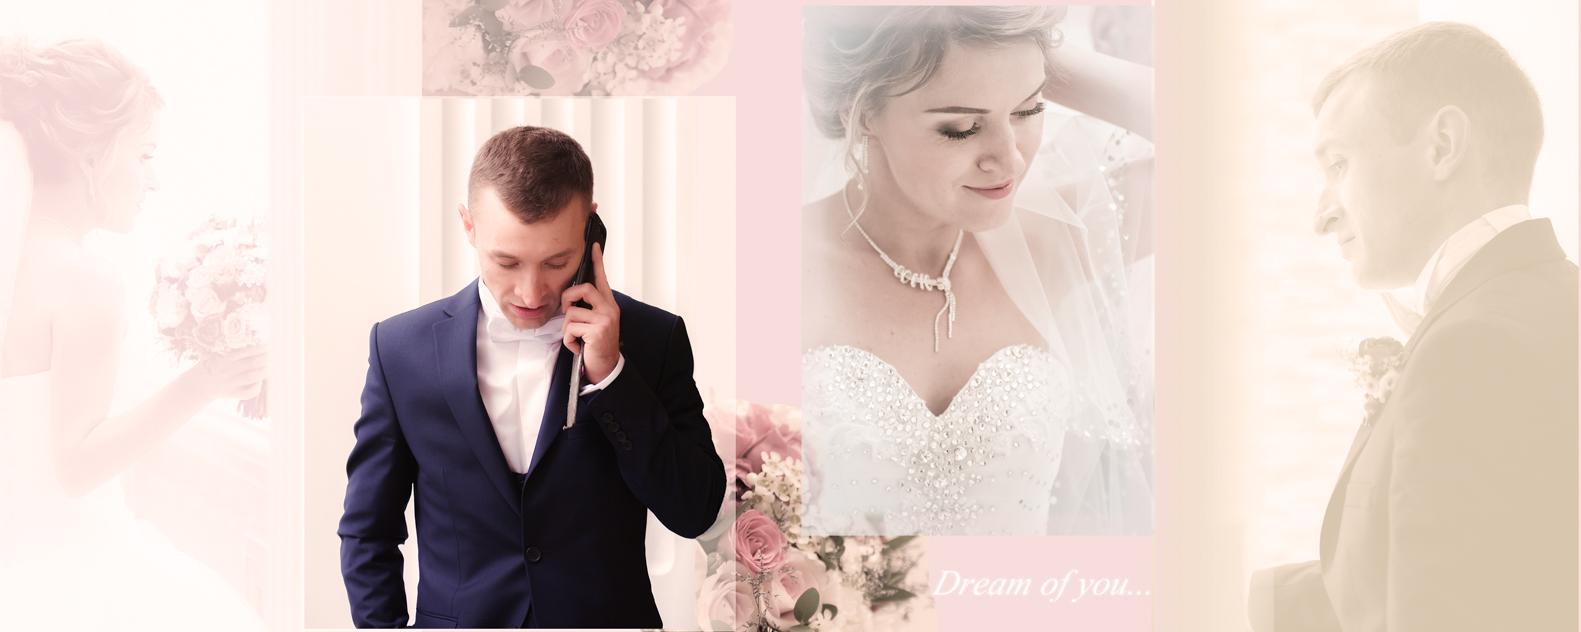 #свадьба, #свадебная_фотосессия, #свадебный_фоторепортаж, #свадебный_фотограф, #фотосъёмка_свадьбы, #фотограф_на_свадьбу #фотограф_минск